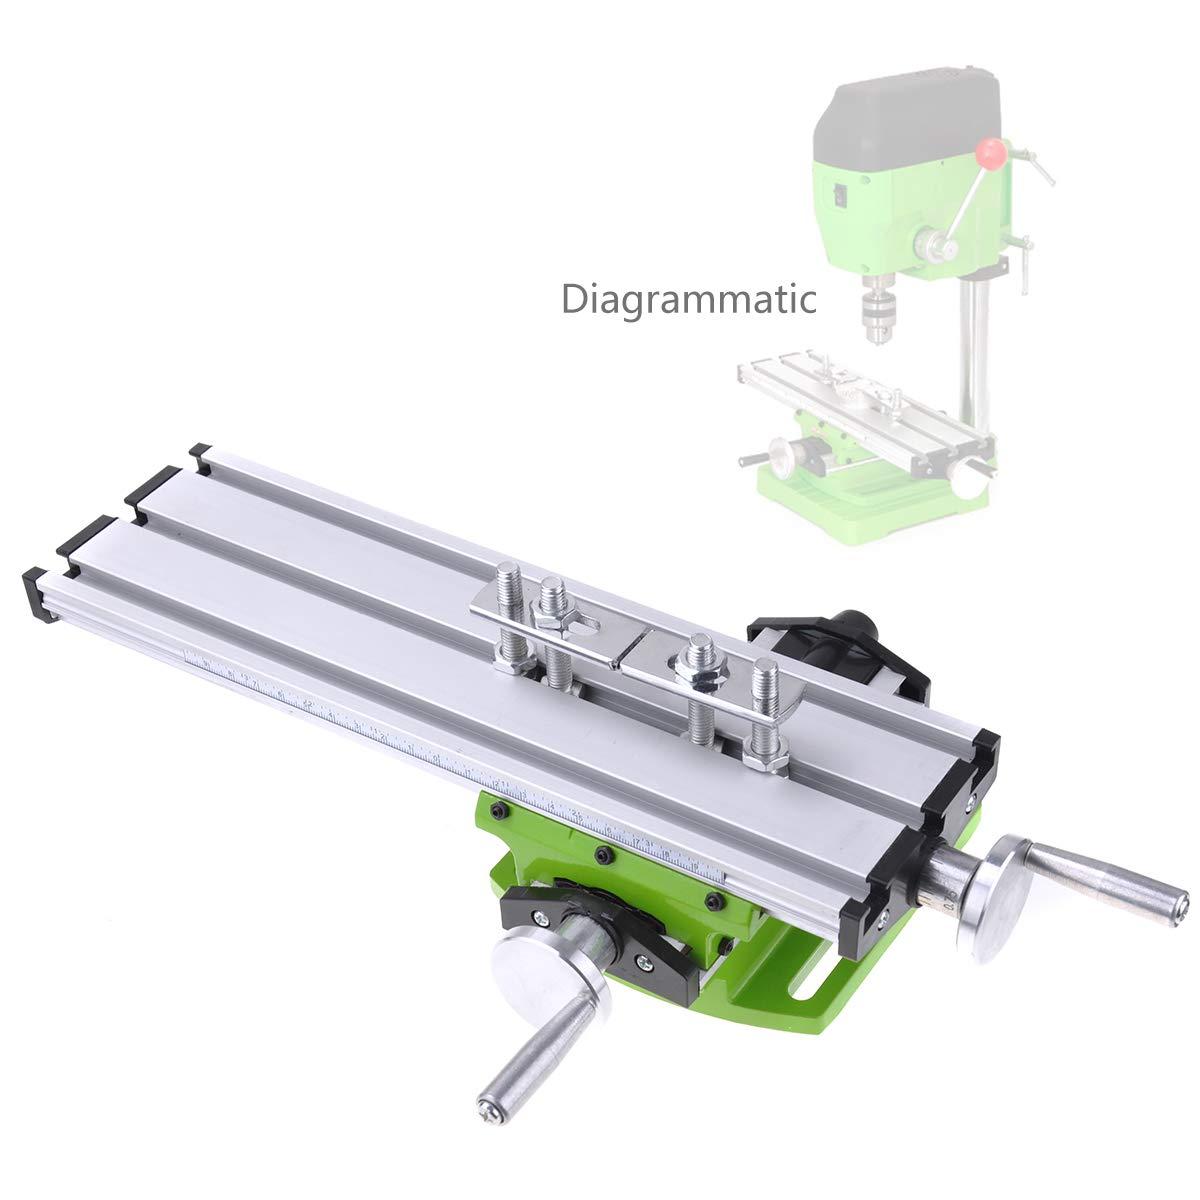 Miyare Mini Multifonction Fraisage Table de Travail Fraiseuse Composite Perç age Table de Coordonné es 310x90 mm DEWEL HJ-CEA-1702